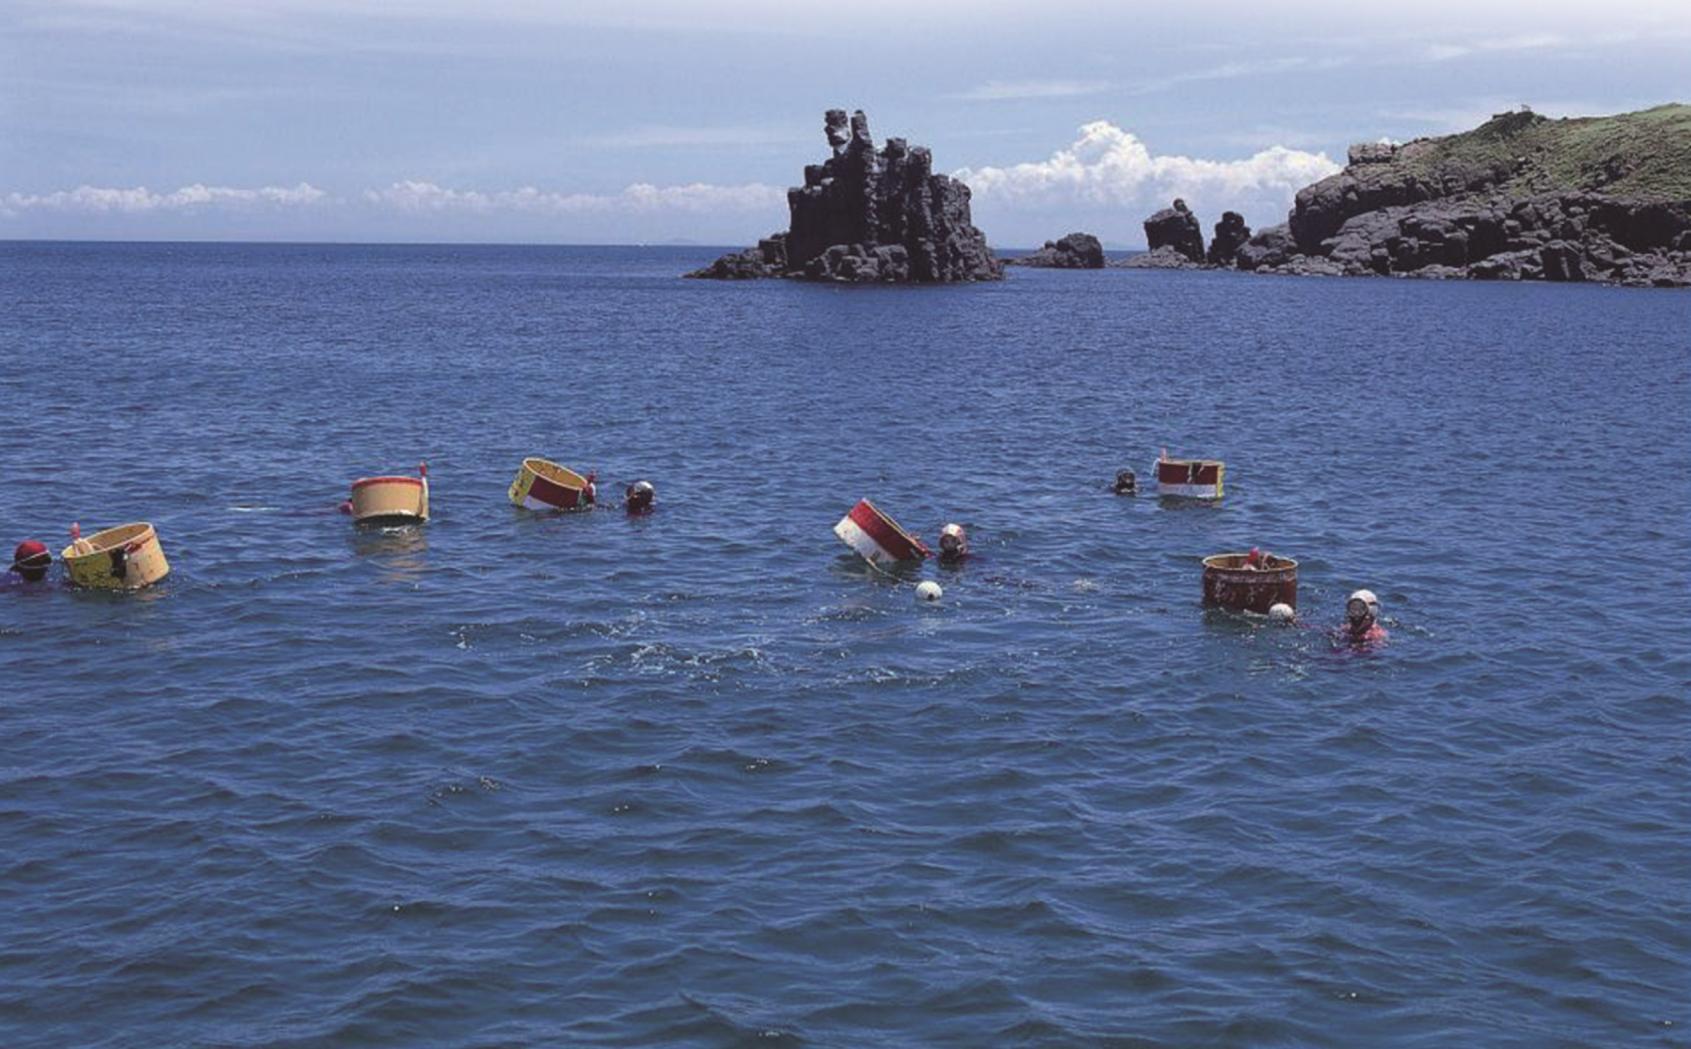 壱岐島に来たら絶対食べて帰りたいウニ-2